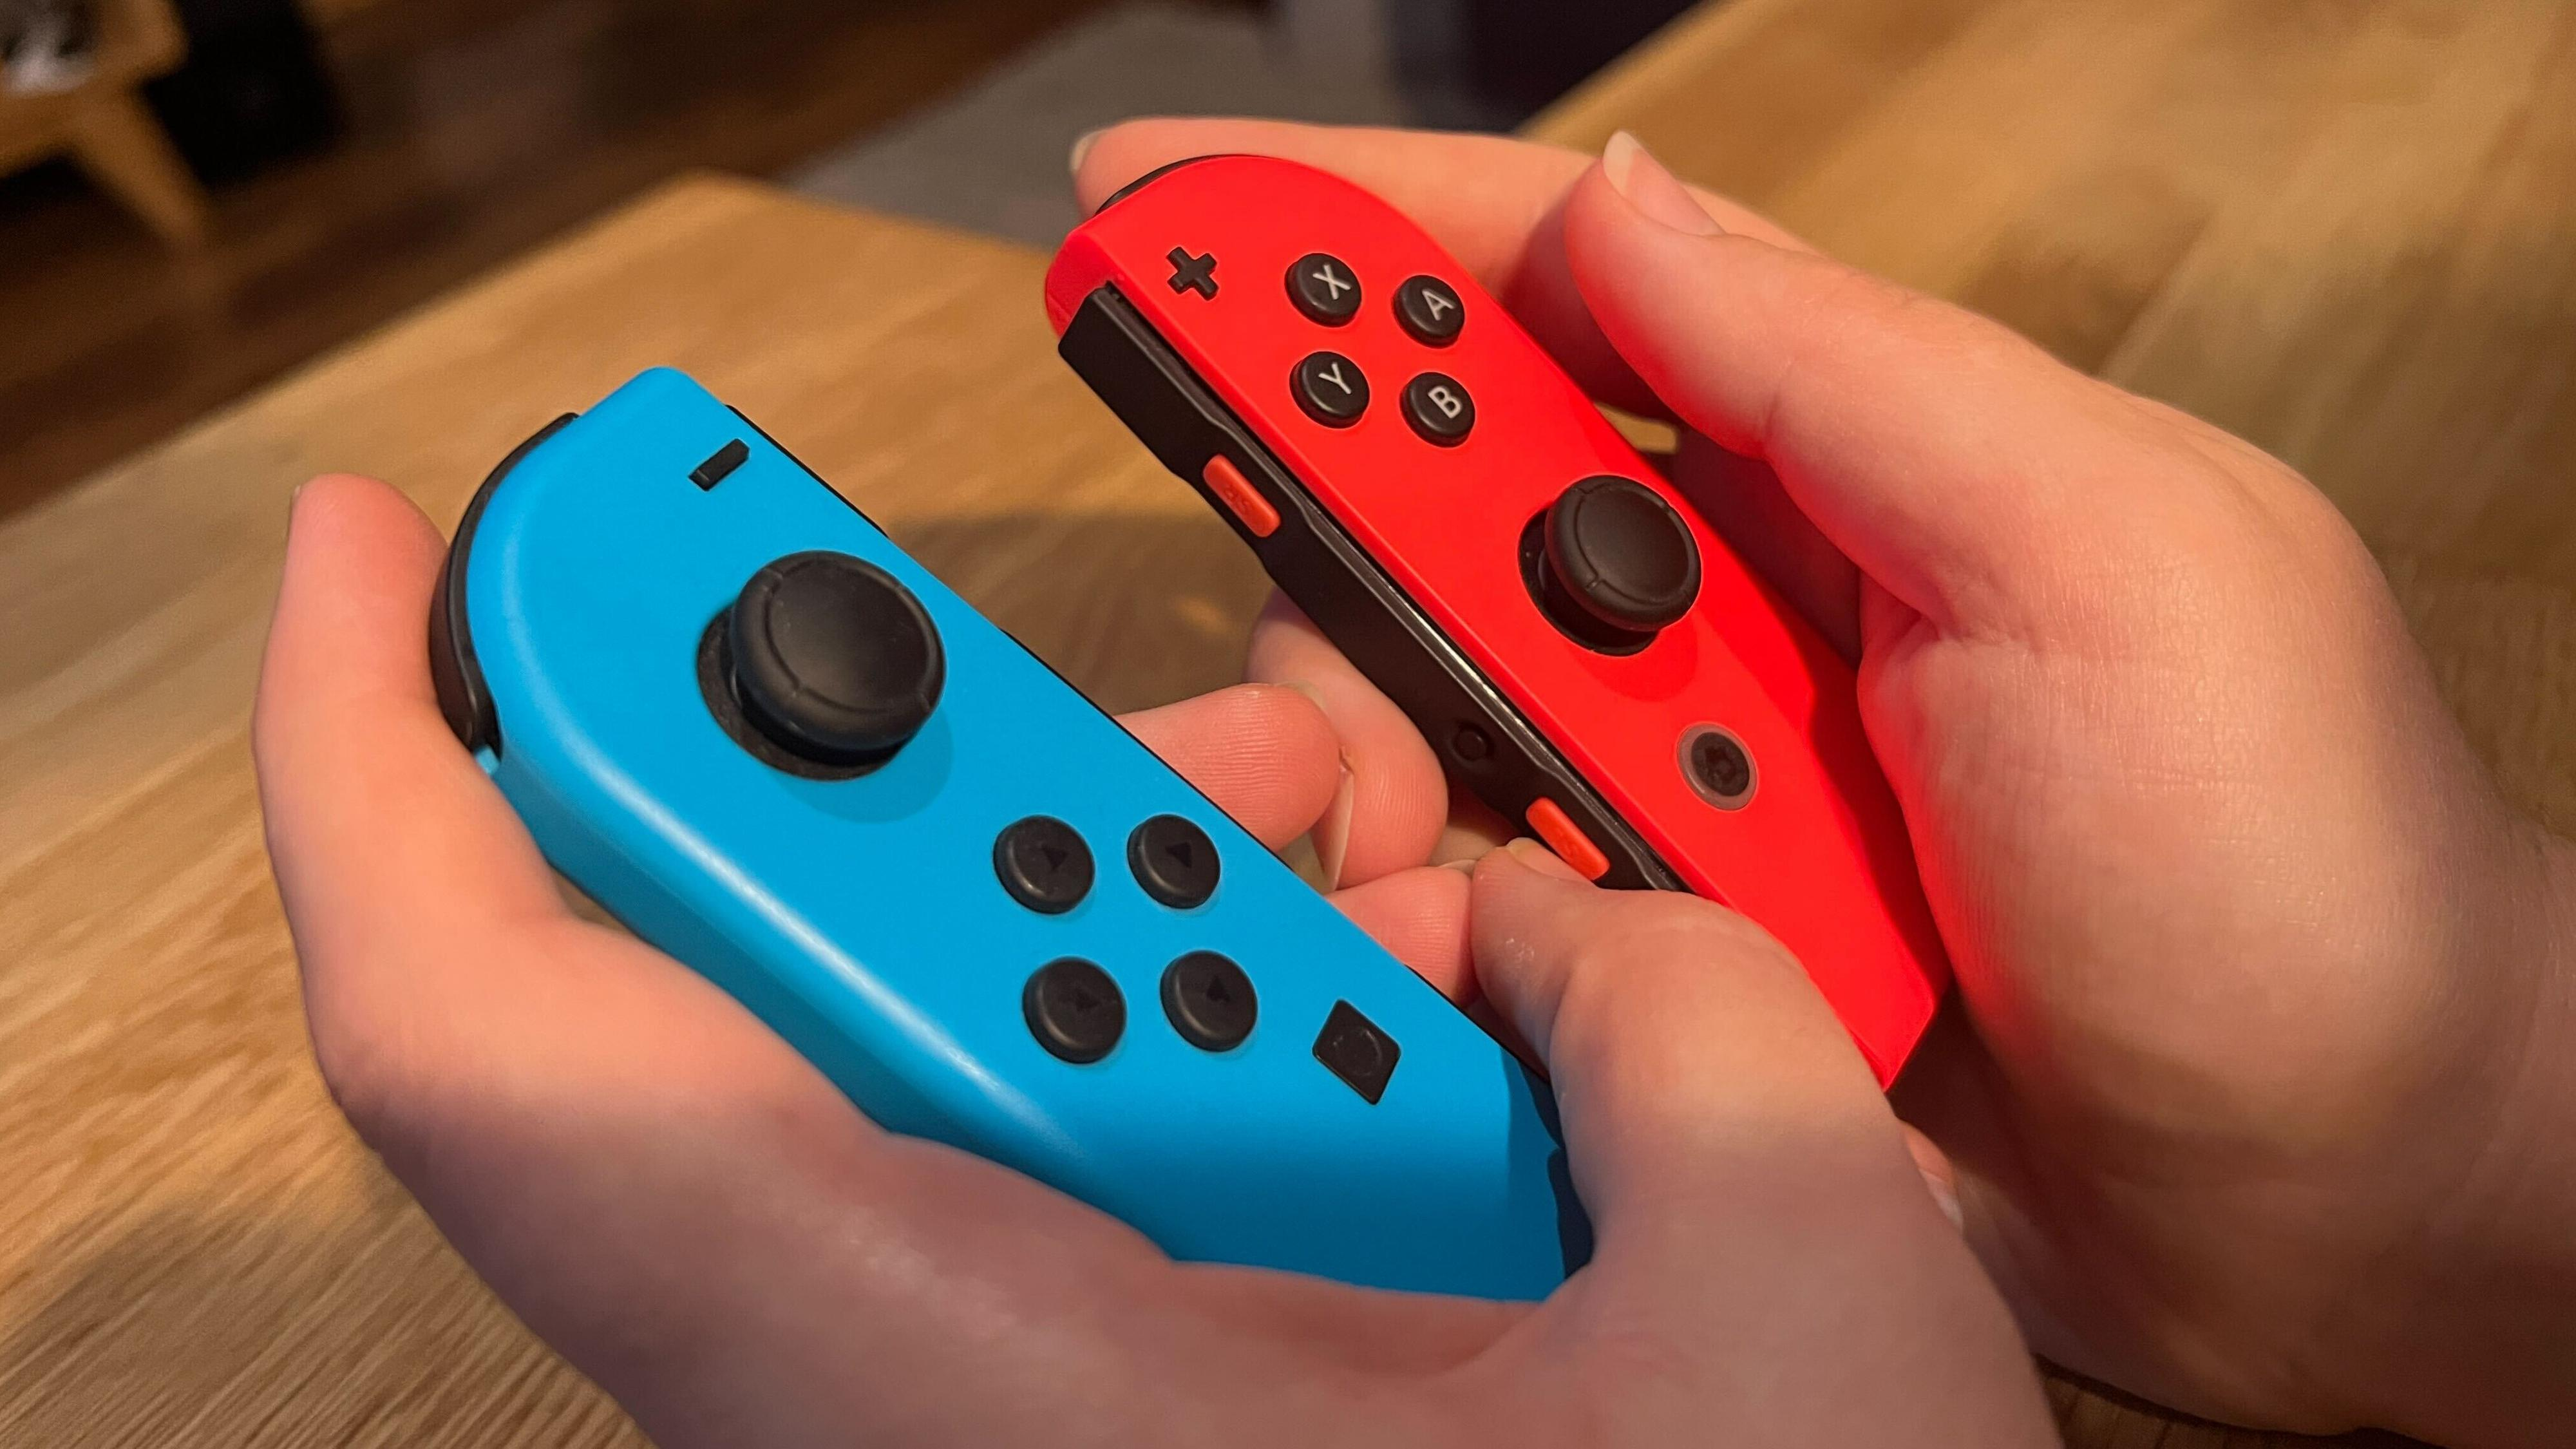 Forbrukerrådet kritisk til ny Nintendo-konsoll med «gamle feil»